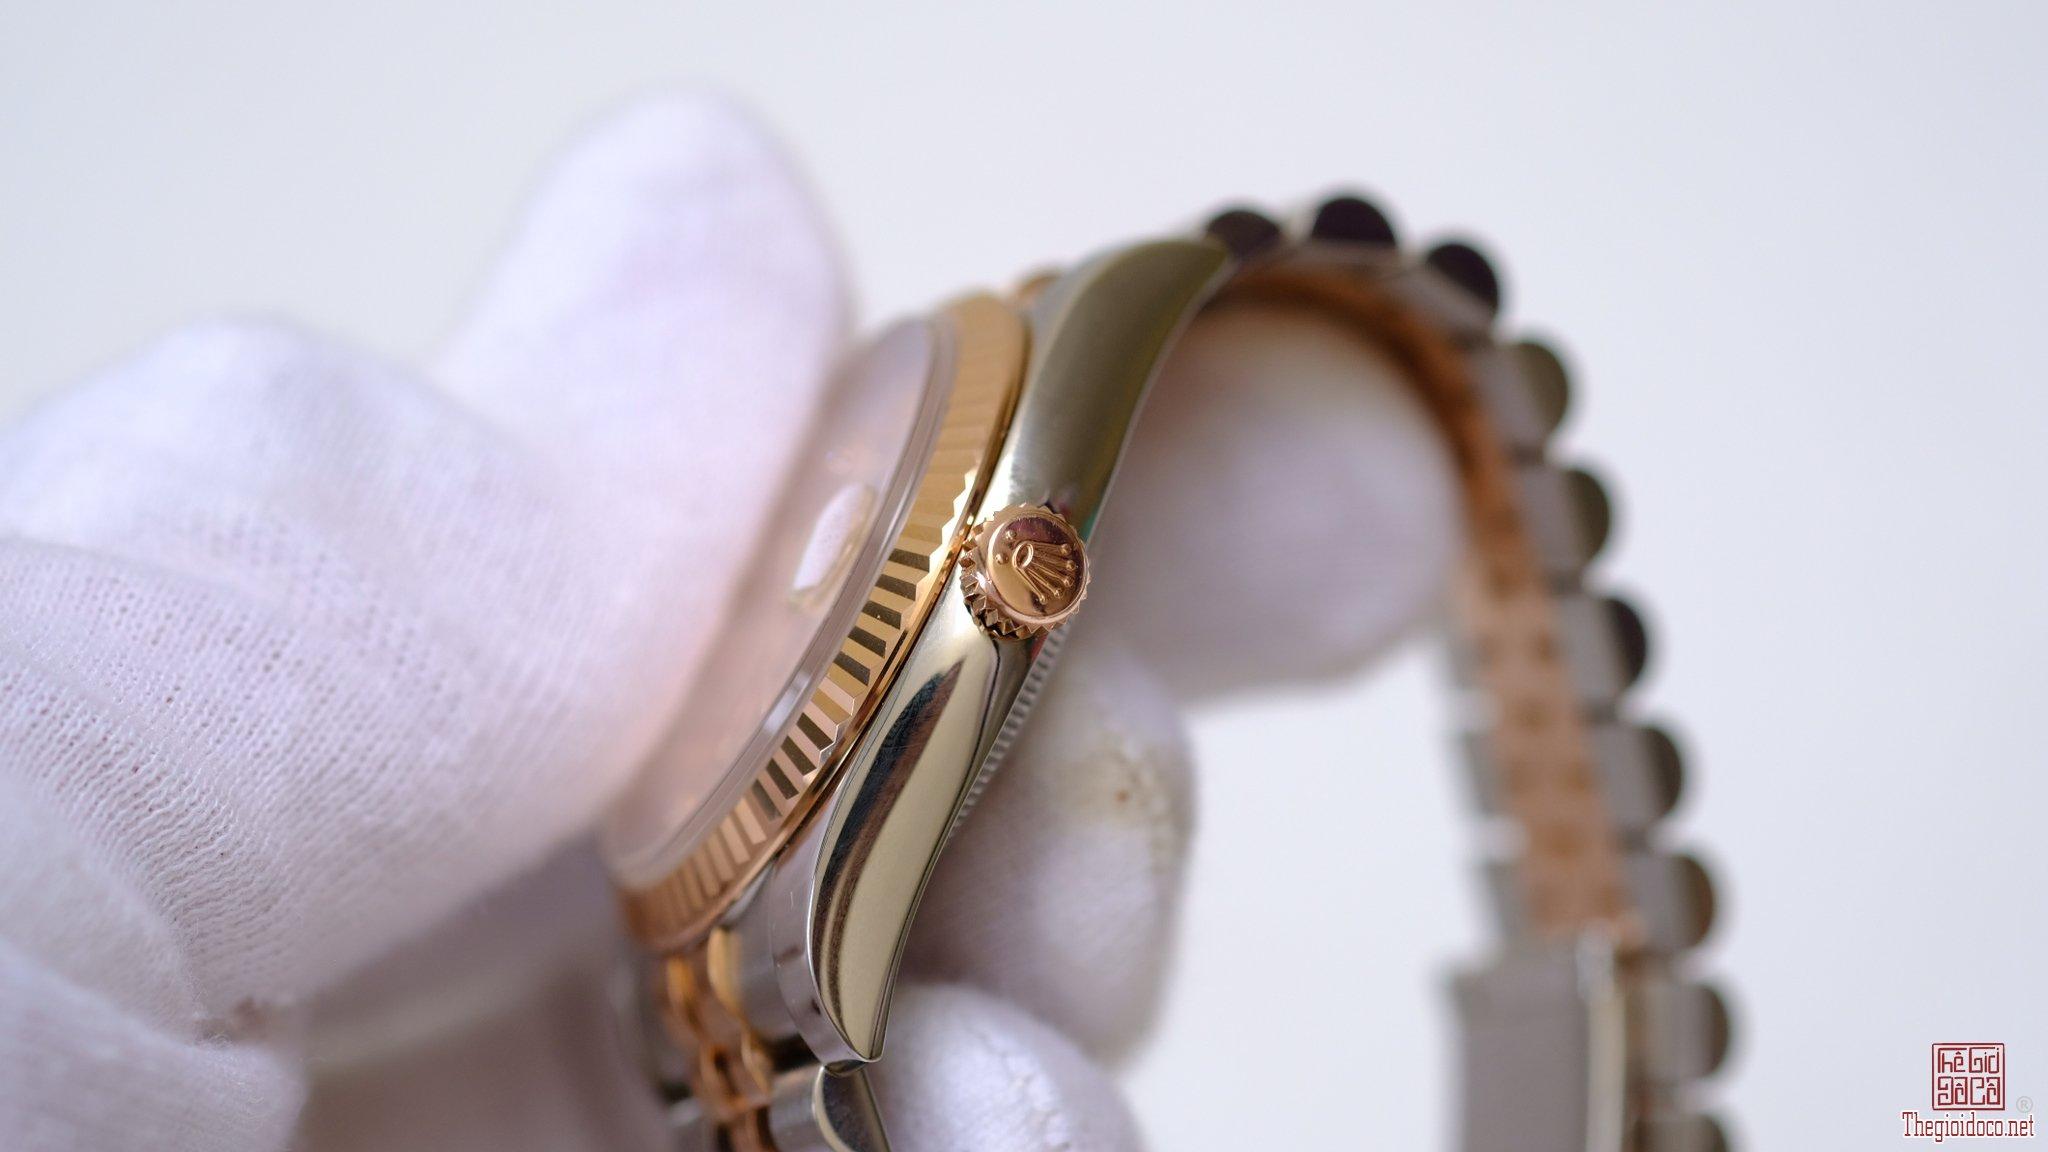 Đồng hồ Rolex Date Just 116231 mặt vi tính hồng cọc số kim cươn